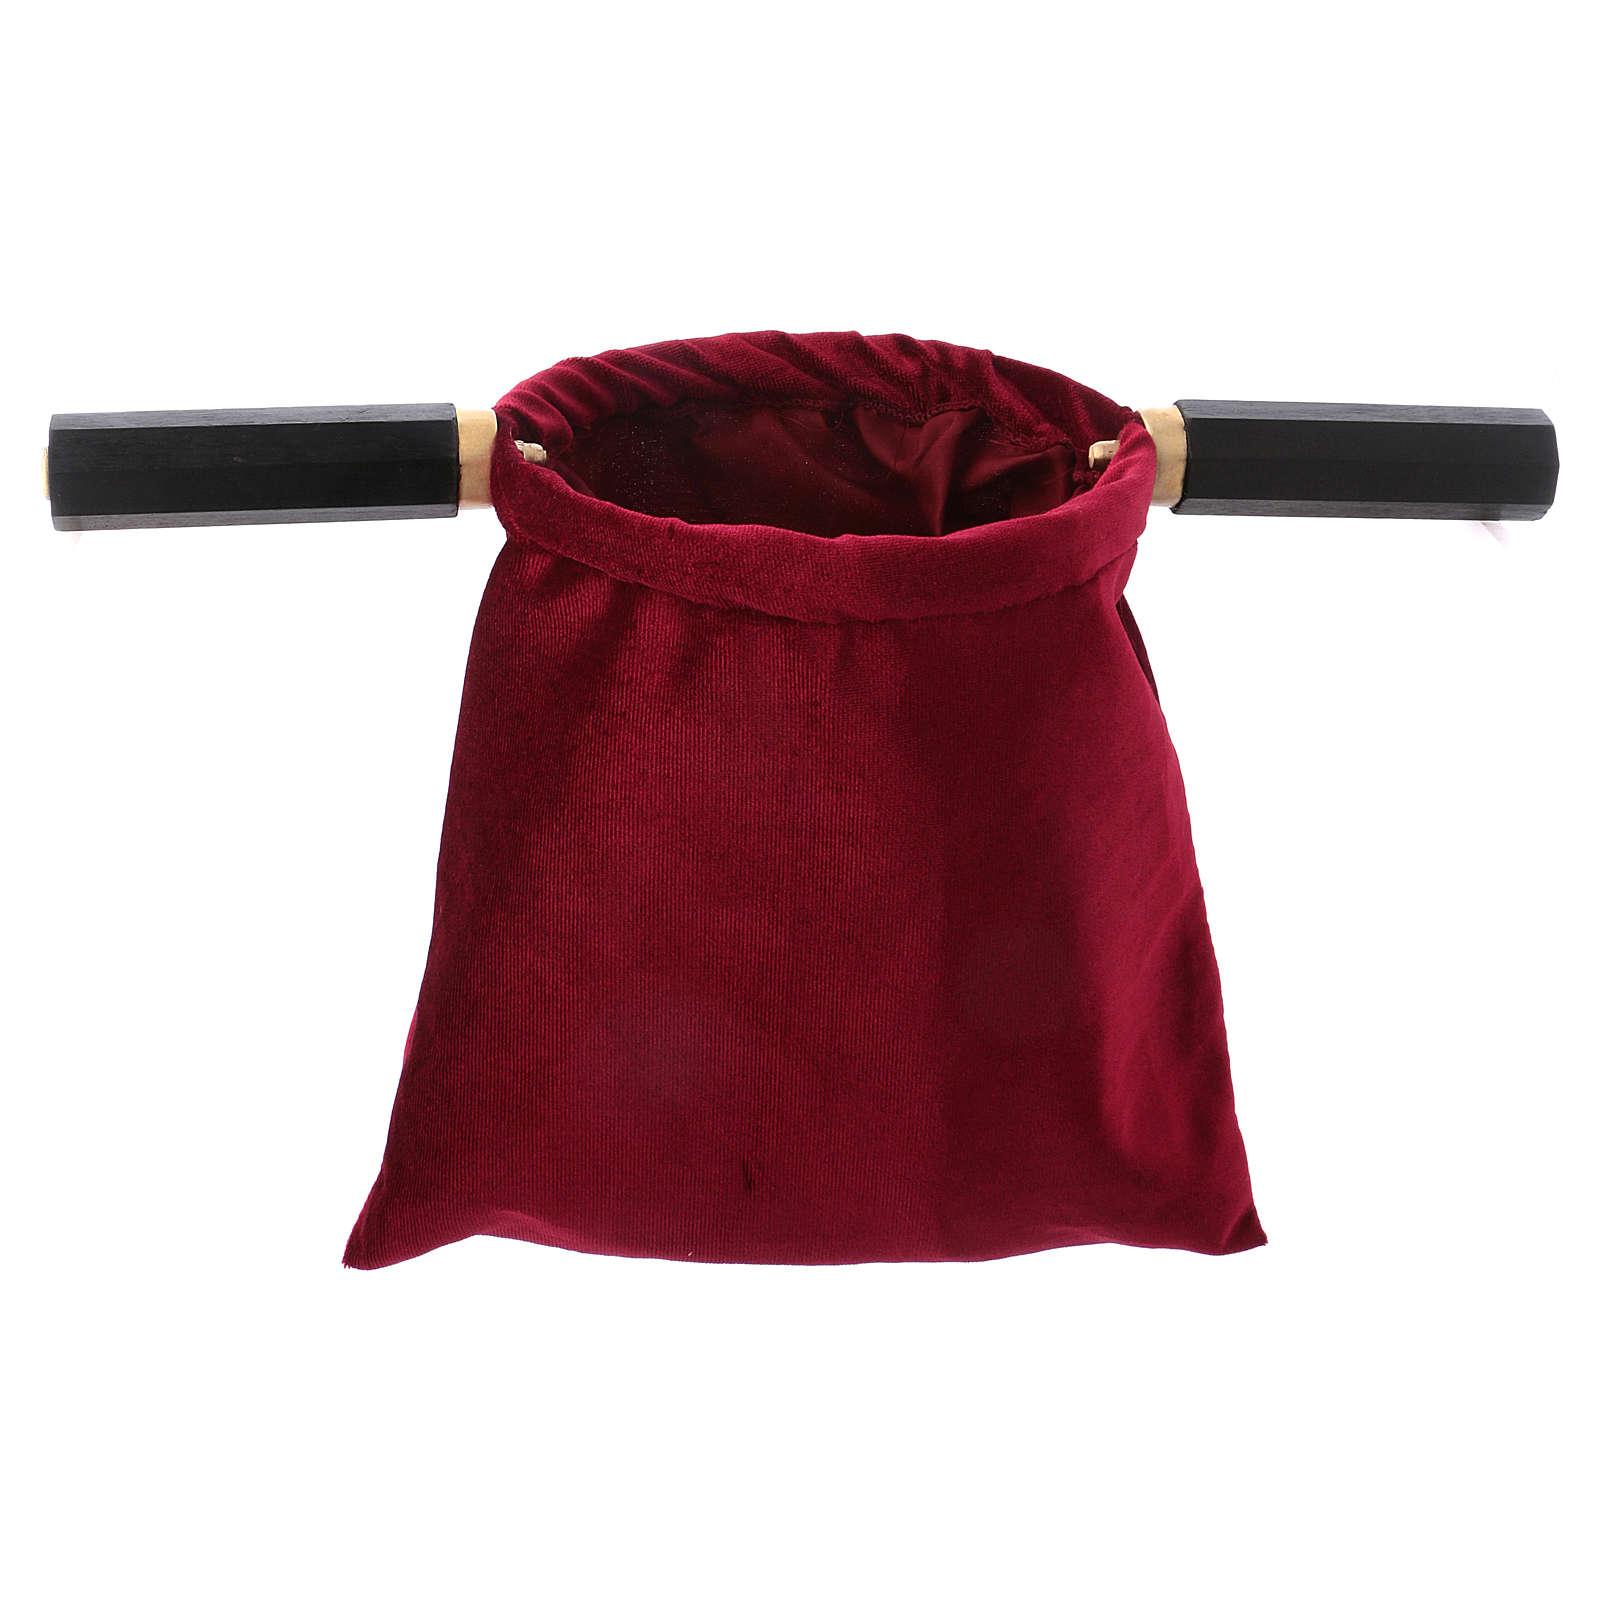 Bolsa para ofrendas (limosna) terciopelo rojo con dos mangos 3